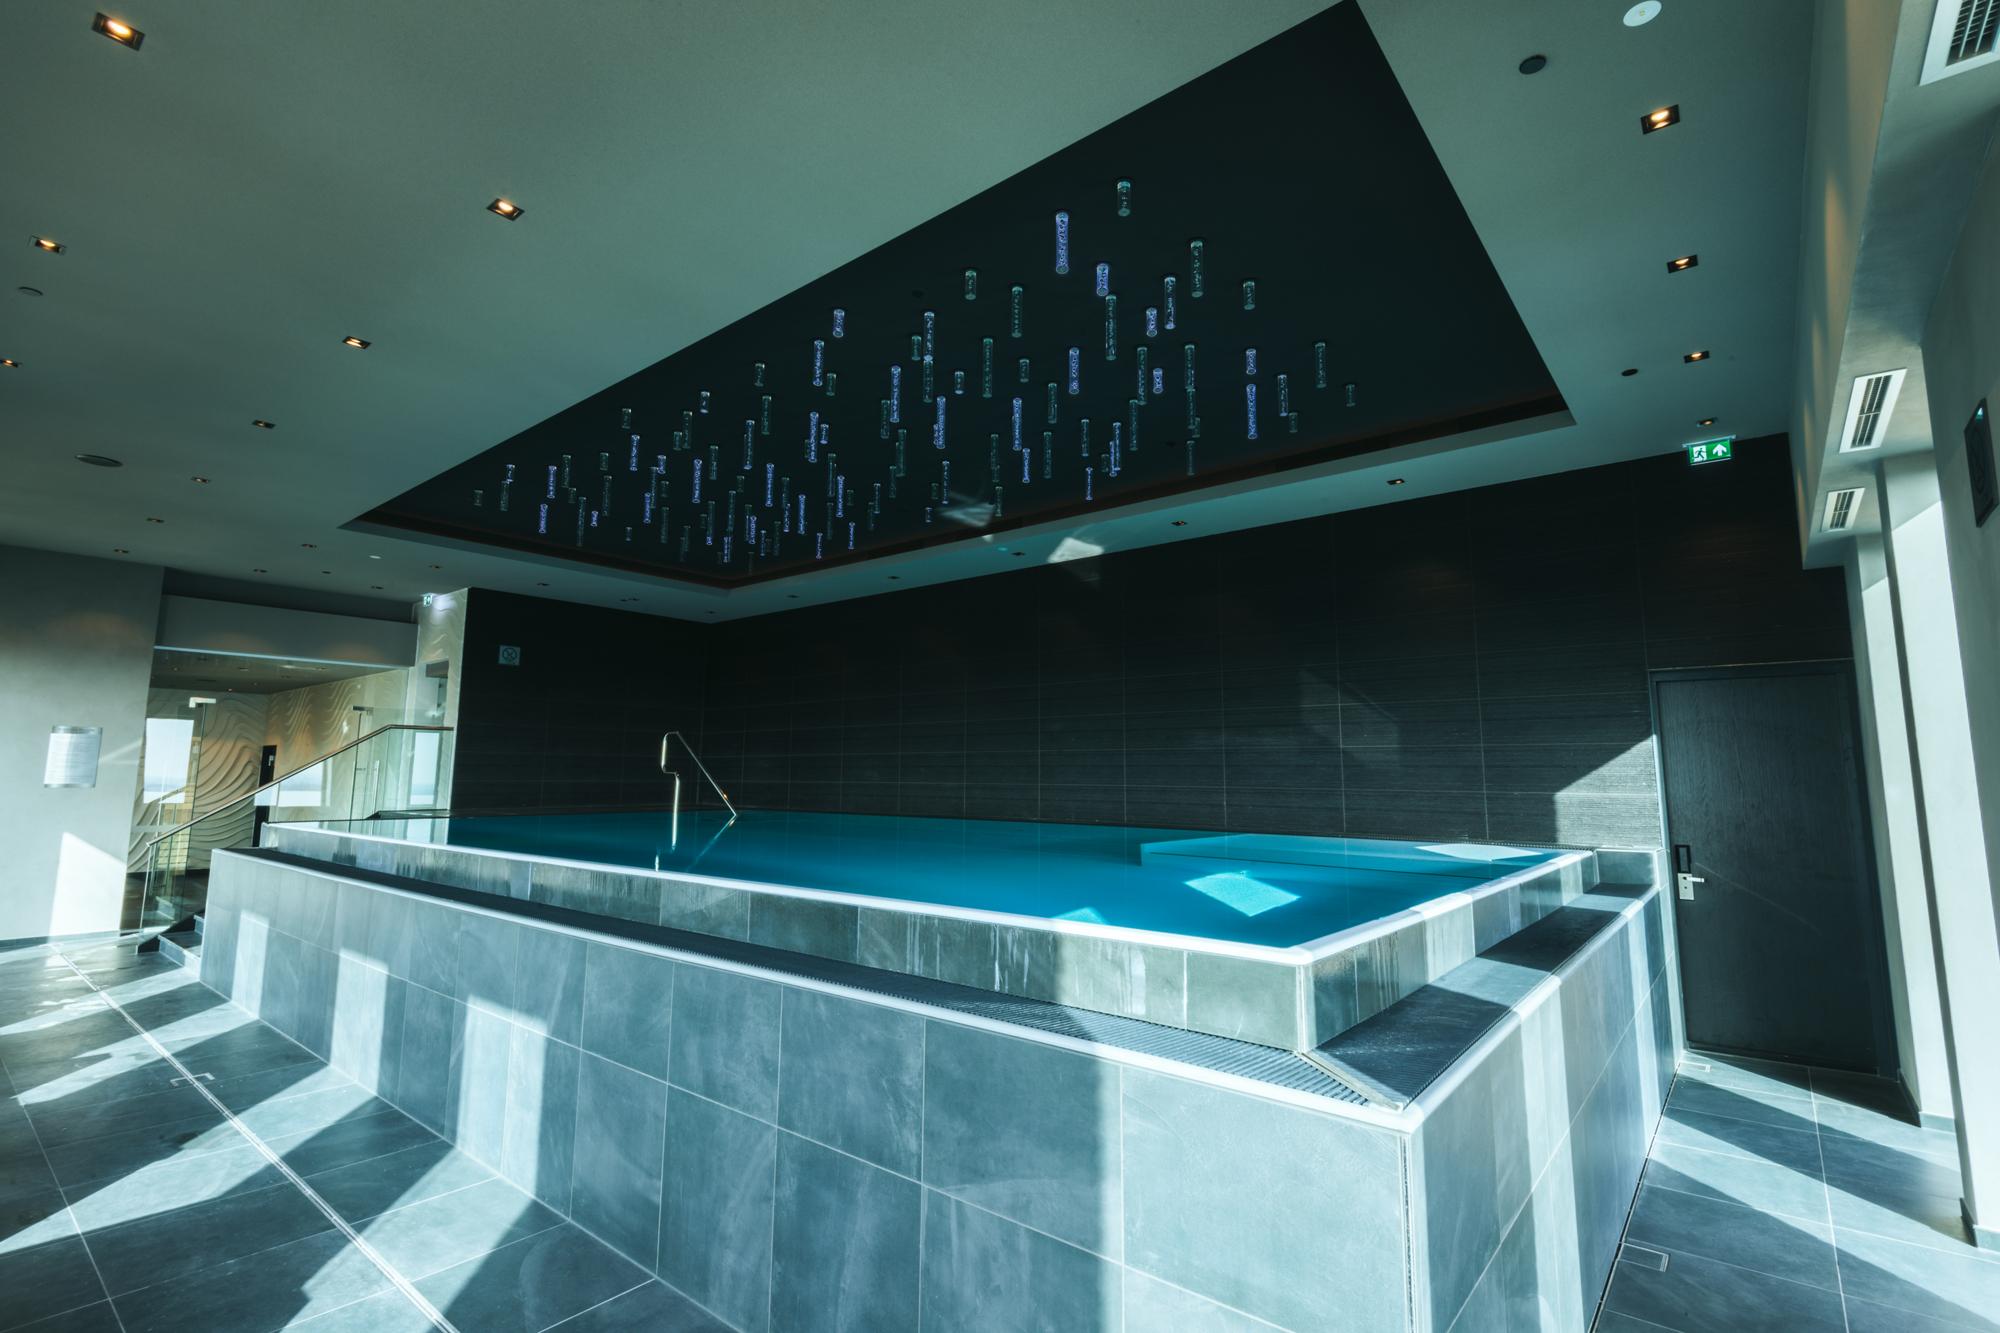 freitragendes Fertigschwimmbecken der Veltmann Infinity Pool